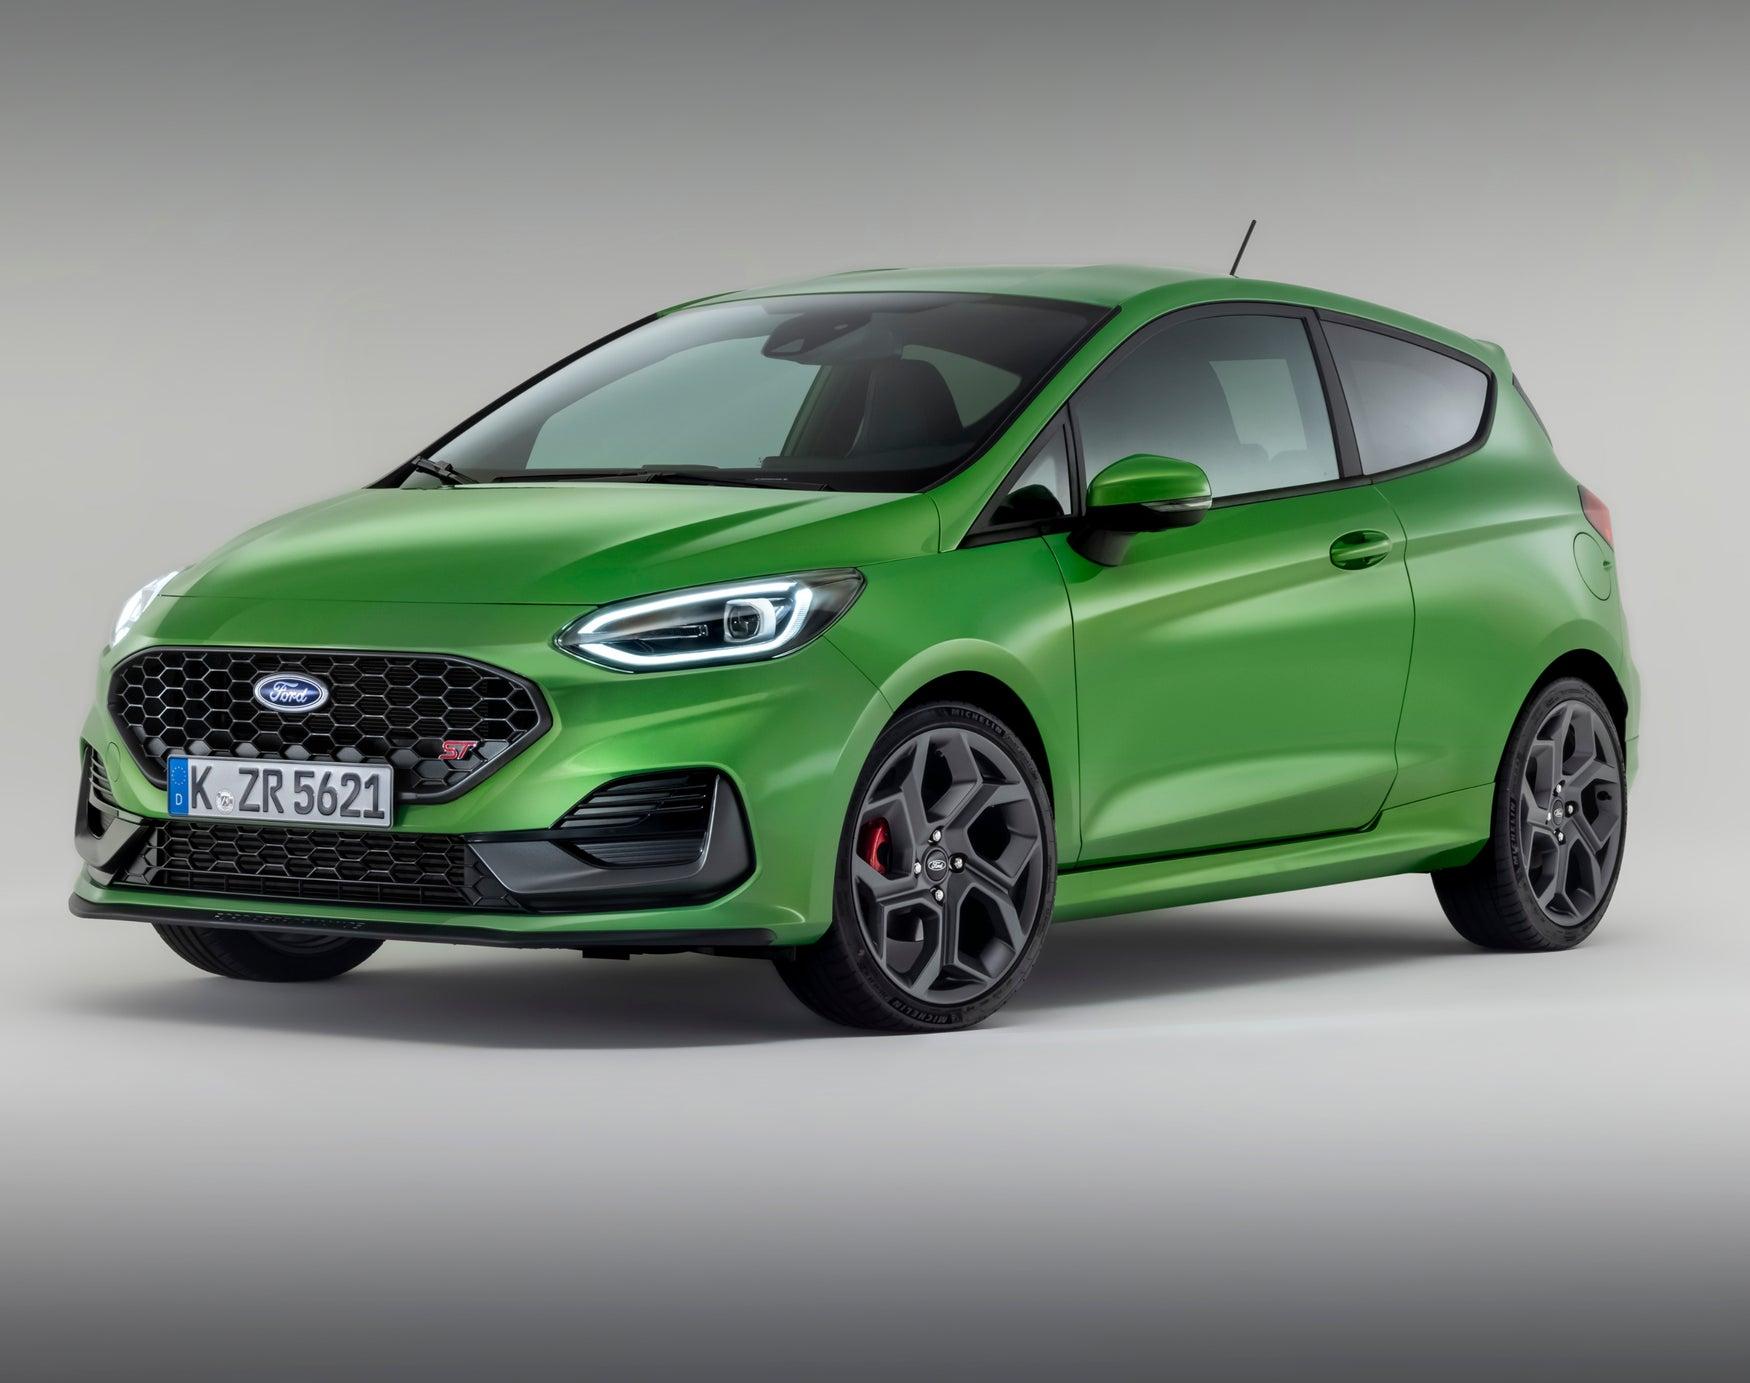 Ford Fiesta ST 2021